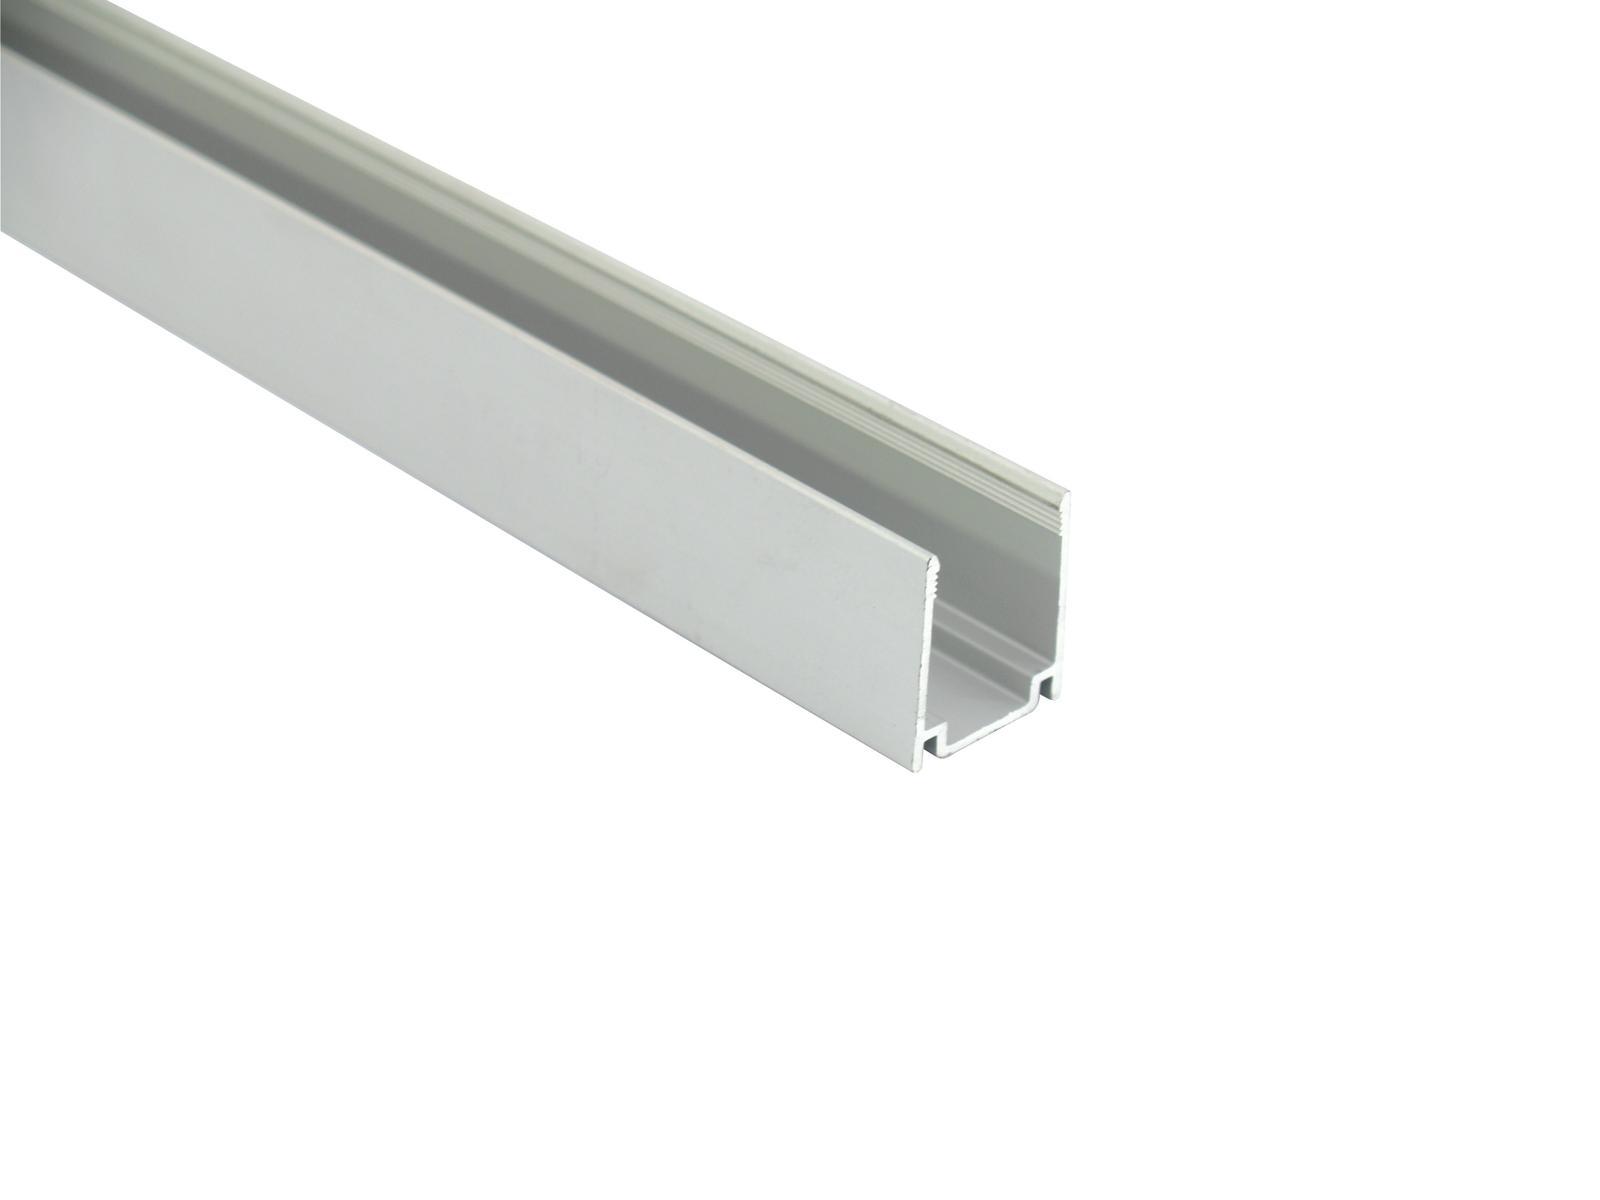 EUROLITE LED Neon Flex canale in alluminio 4m